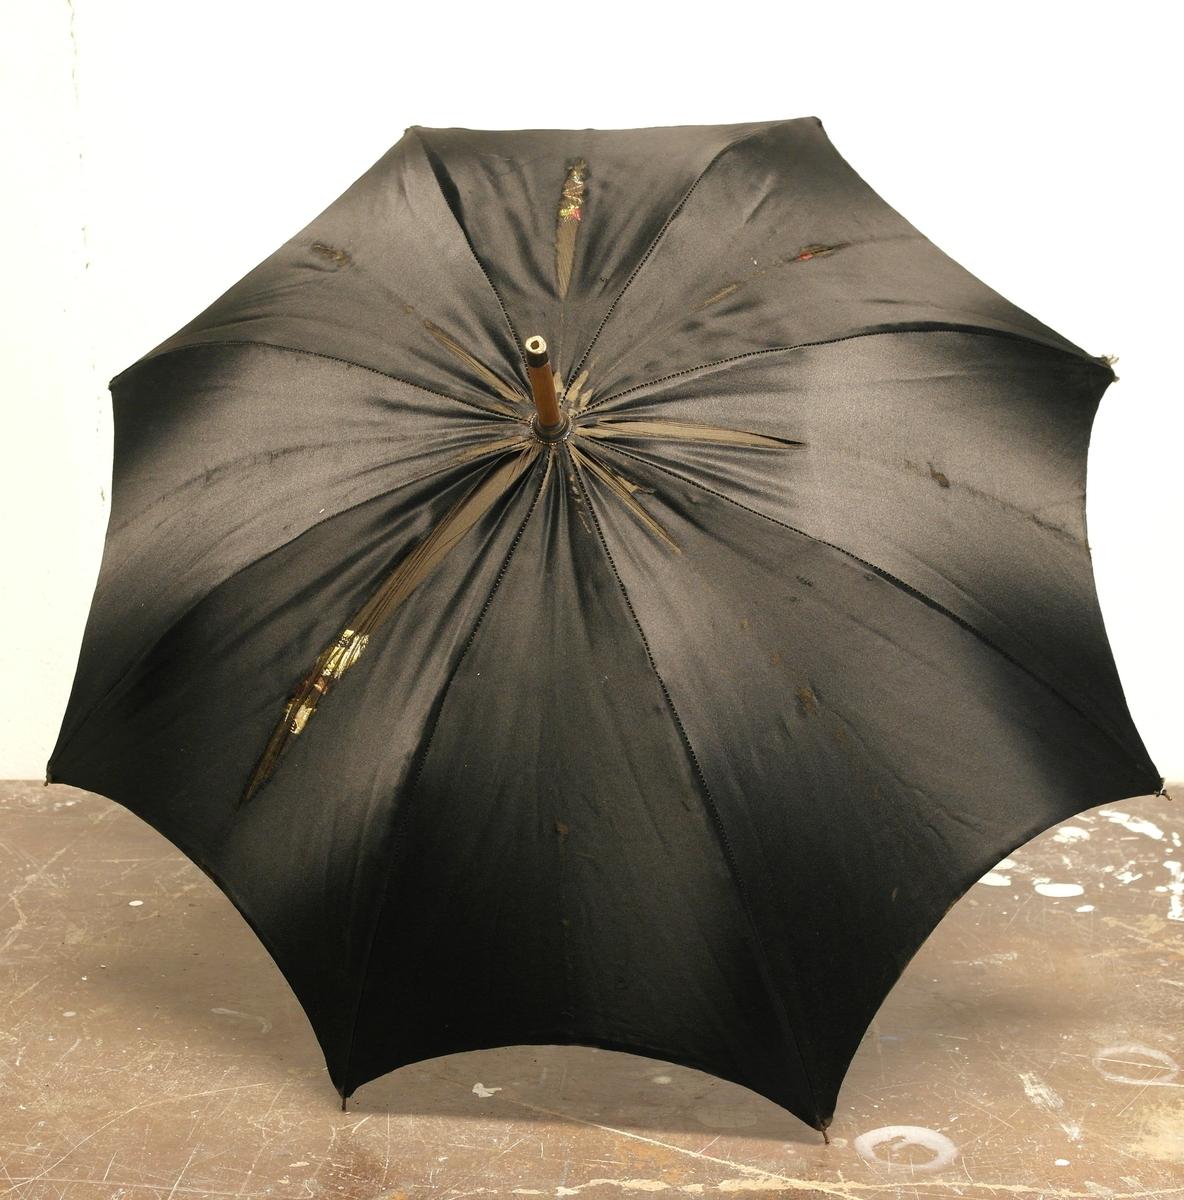 Parasoll laget av silke, messing og tre. Over messingspilene er det trukket et dobbeltsydd silkestoff som er sydd fast ytterst på hver spile. Stoffet har blomsterbroderi på innsiden, som kommer frem når parasollen er oppslått. Parasollen har et langt, smalt treskaft og buet håndtak med snor og pomponger.